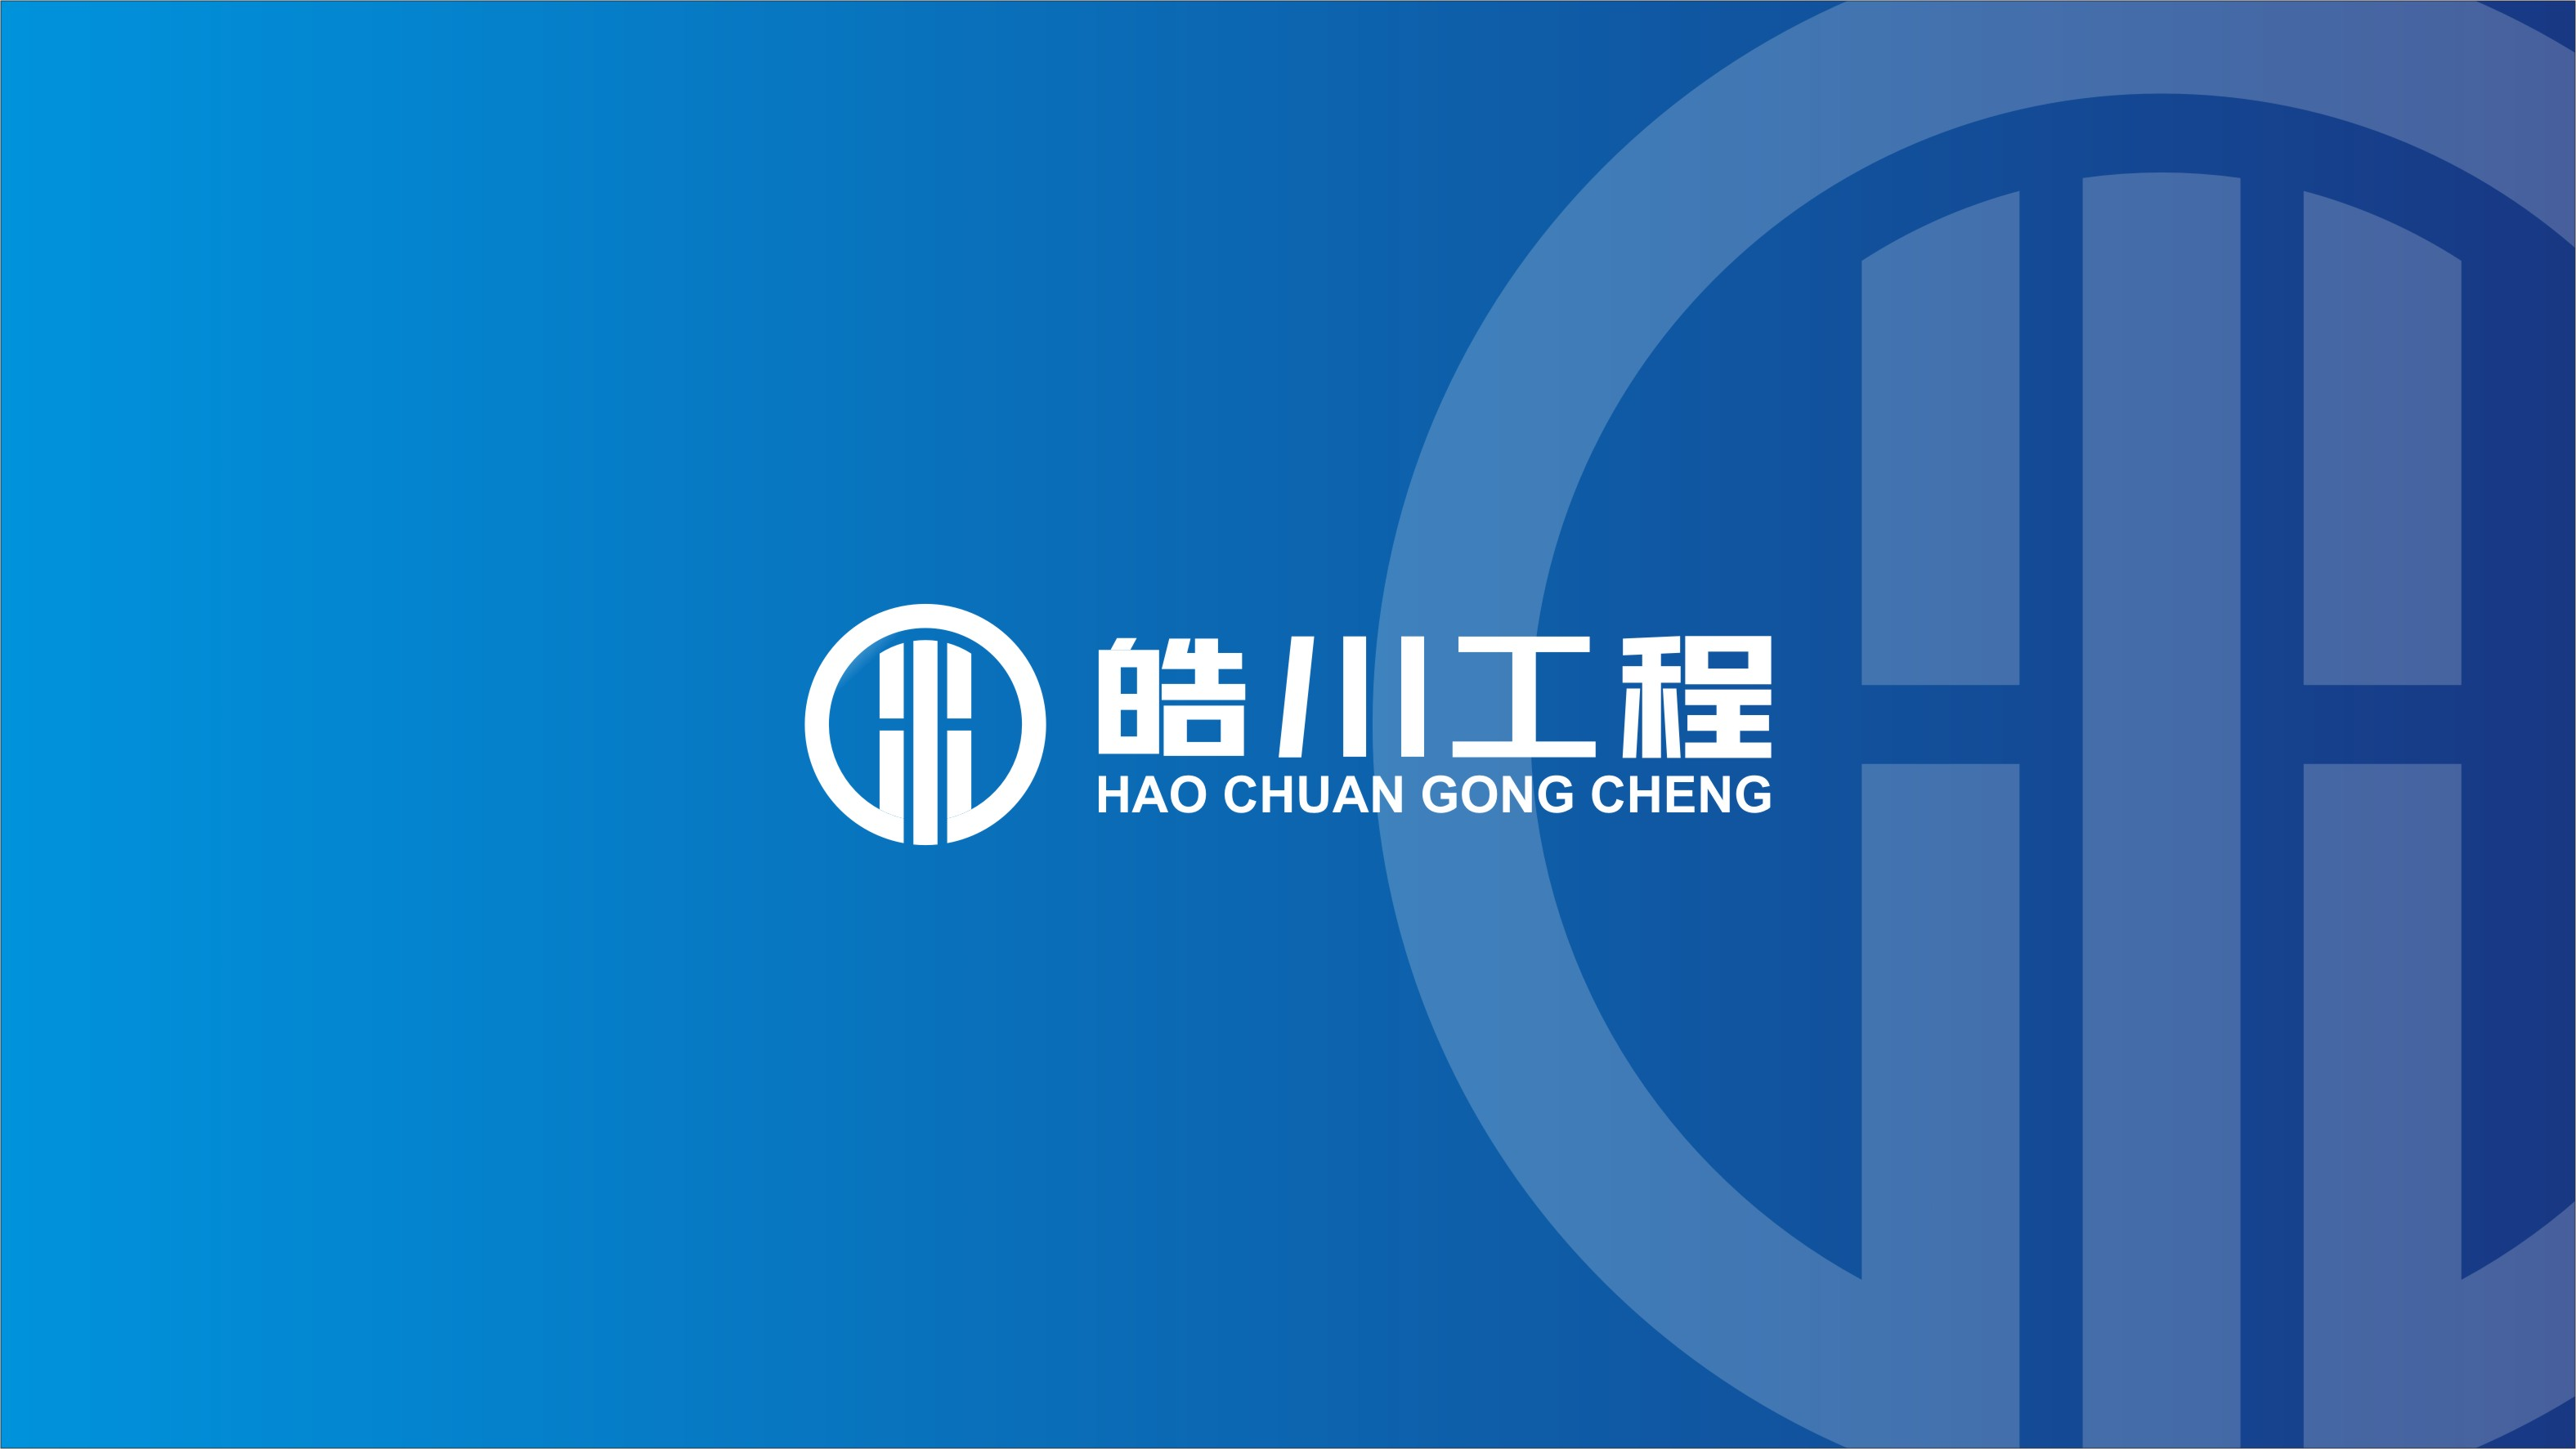 皓川工程公司LOGO万博手机官网